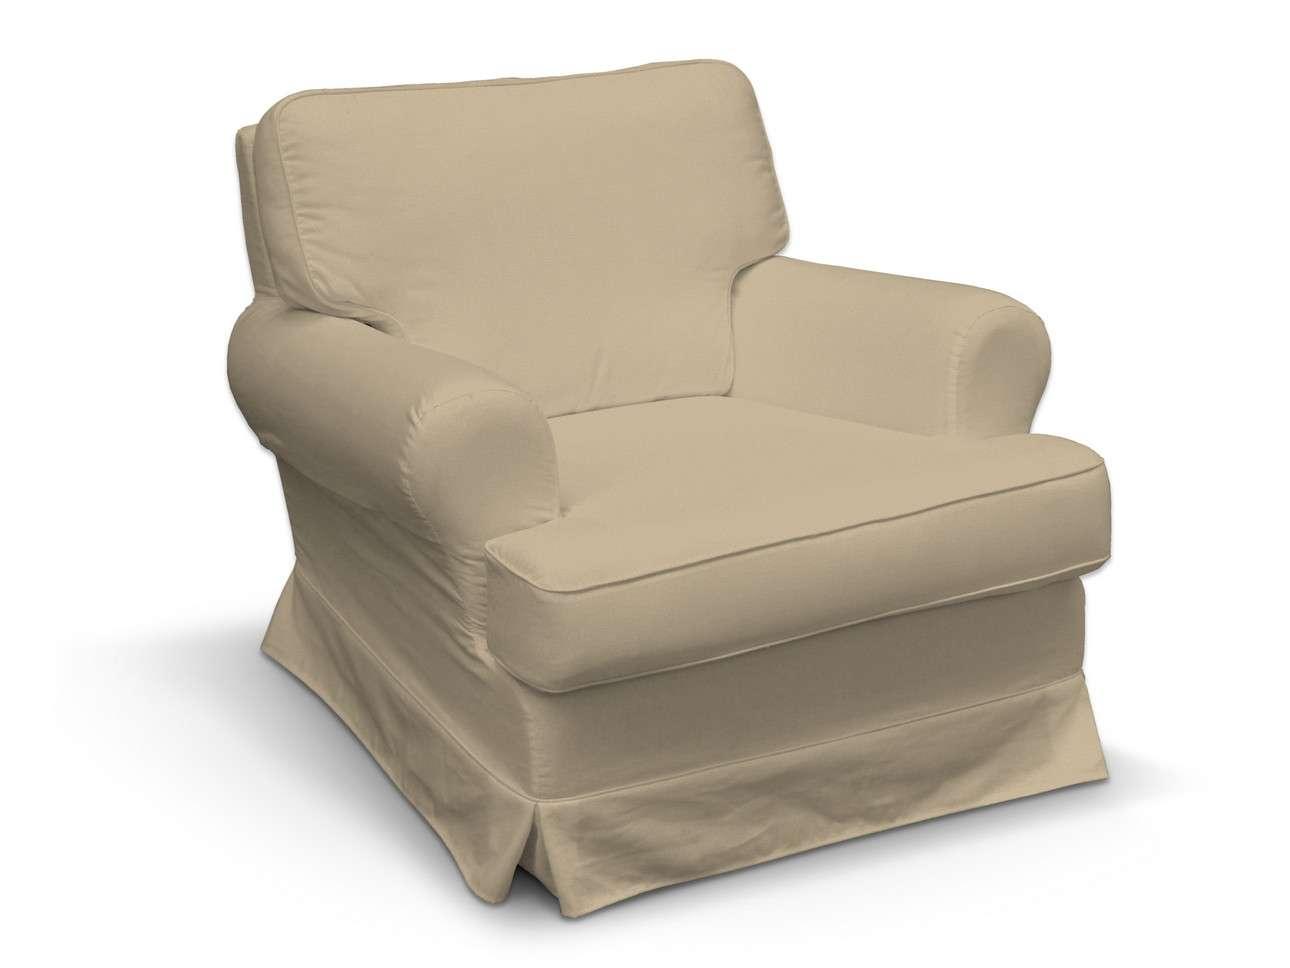 Pokrowiec na fotel Barkaby w kolekcji Living, tkanina: 160-82